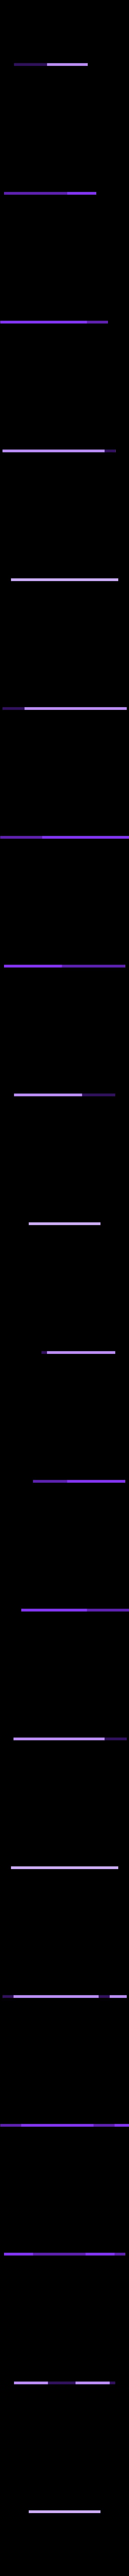 40k_9th_ed_measure_tool_-_with_numbers_v2.stl Télécharger fichier STL gratuit Un outil de mesure rigide Warhammer 40k pour la 9ème édition • Objet pour imprimante 3D, seanbaker408